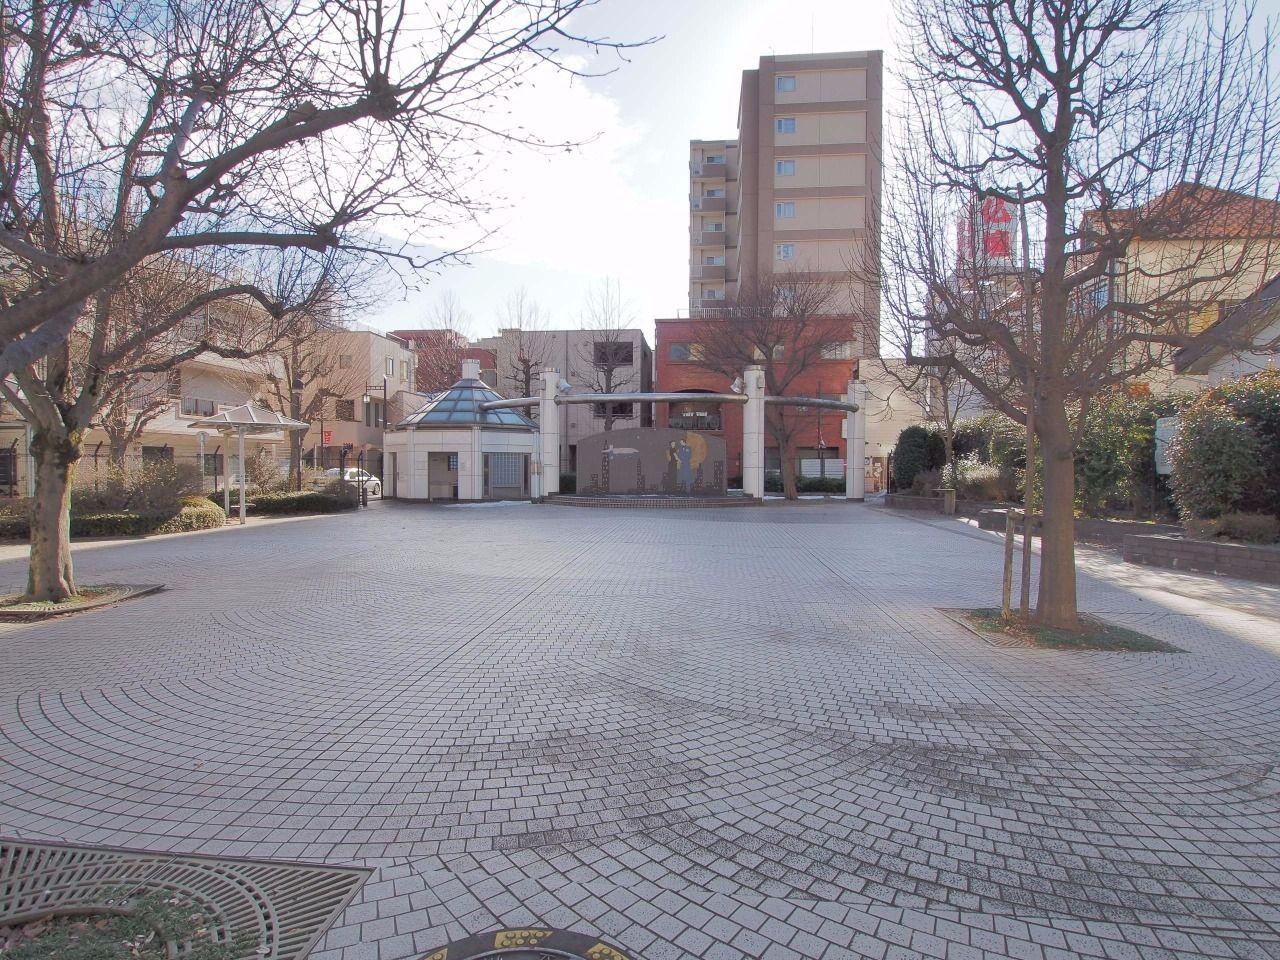 柴崎町の商業地域内の憩いの場